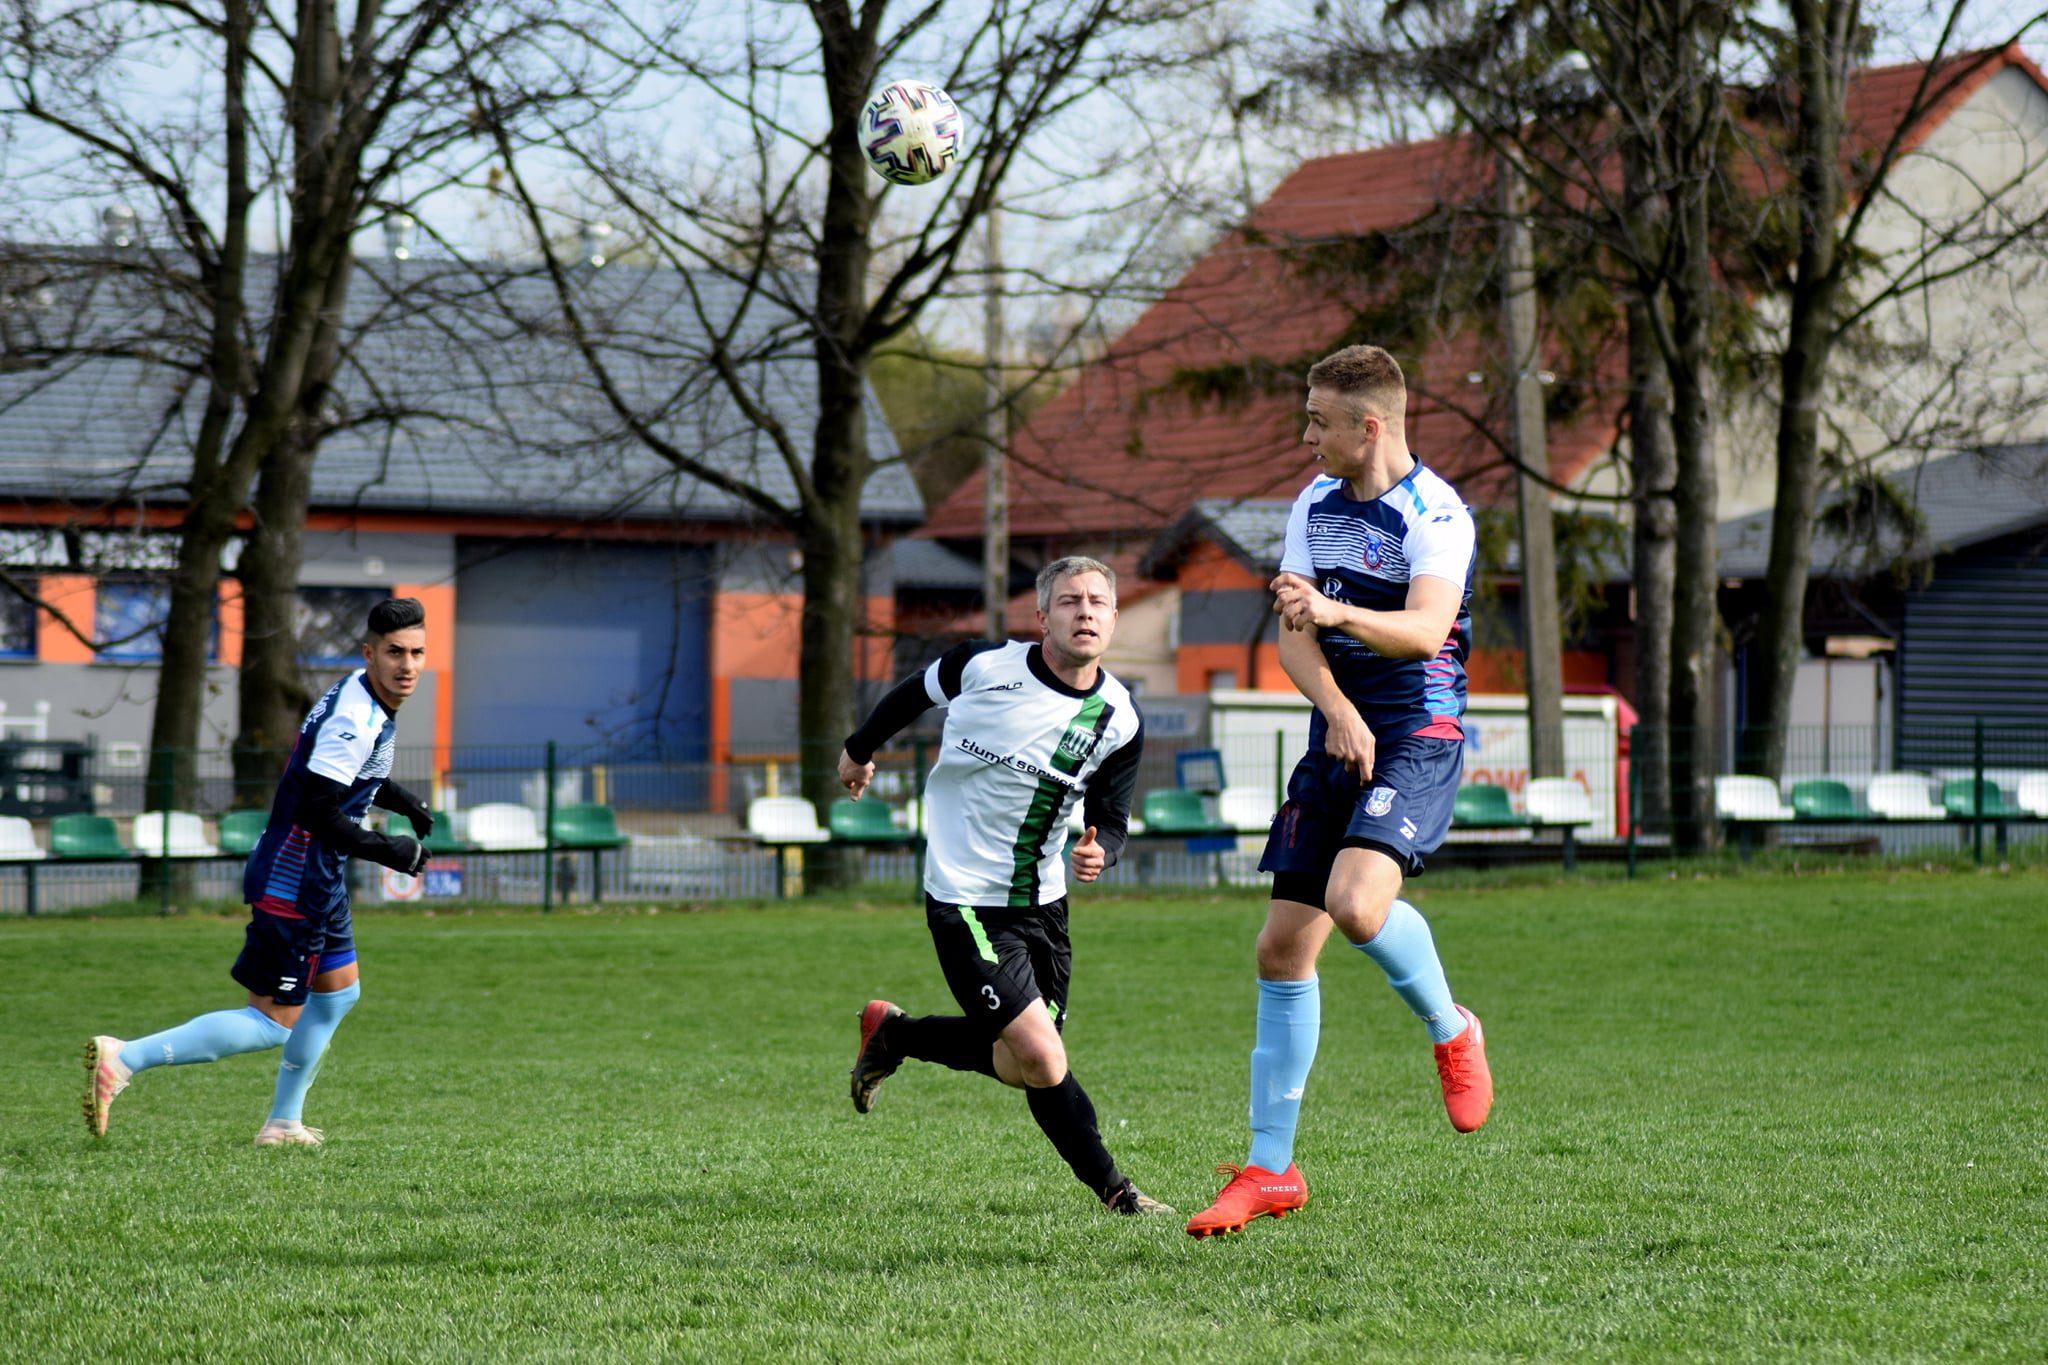 Zieloni Mokrzeszów - Włókniarz Głuszyca, Sportowy Wałbrzych